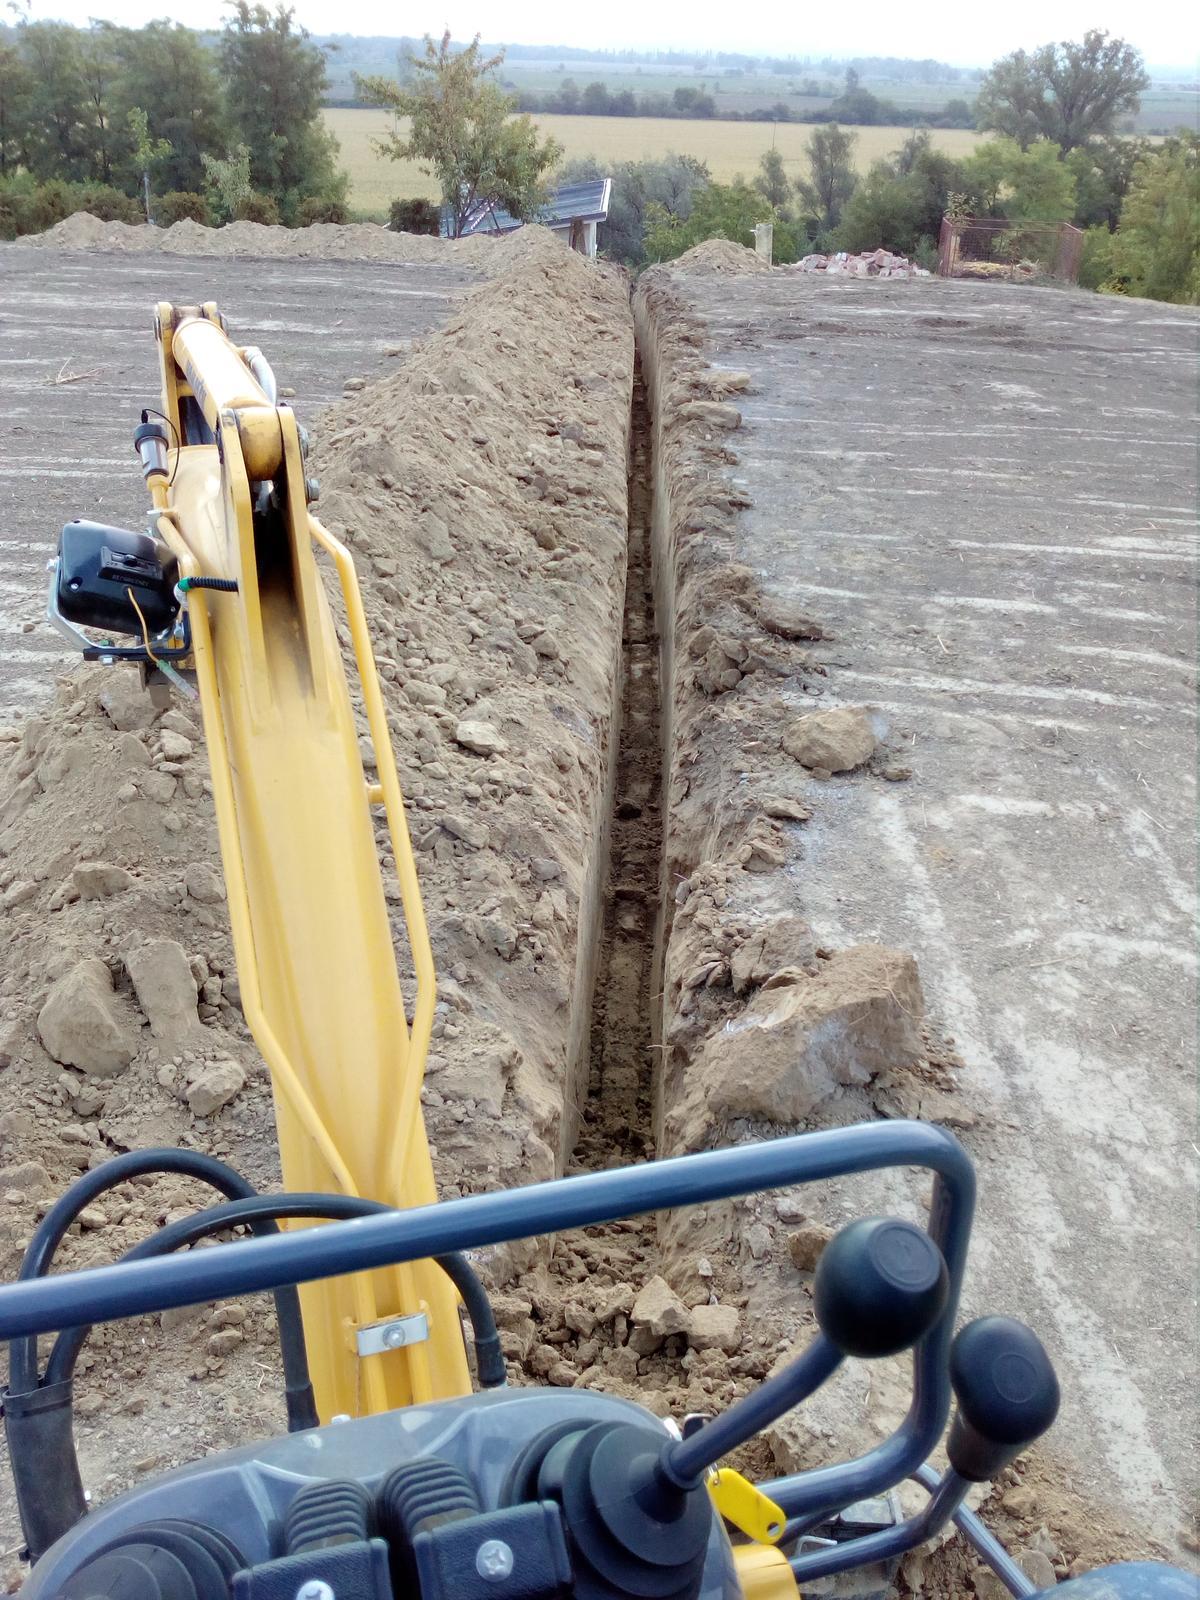 Okolie domu, záhrada - 9.2017 - Rozvody vody a elektriny v záhrade. Bez bagrika by to nešlo. Spolu 125 metrov výkopov.